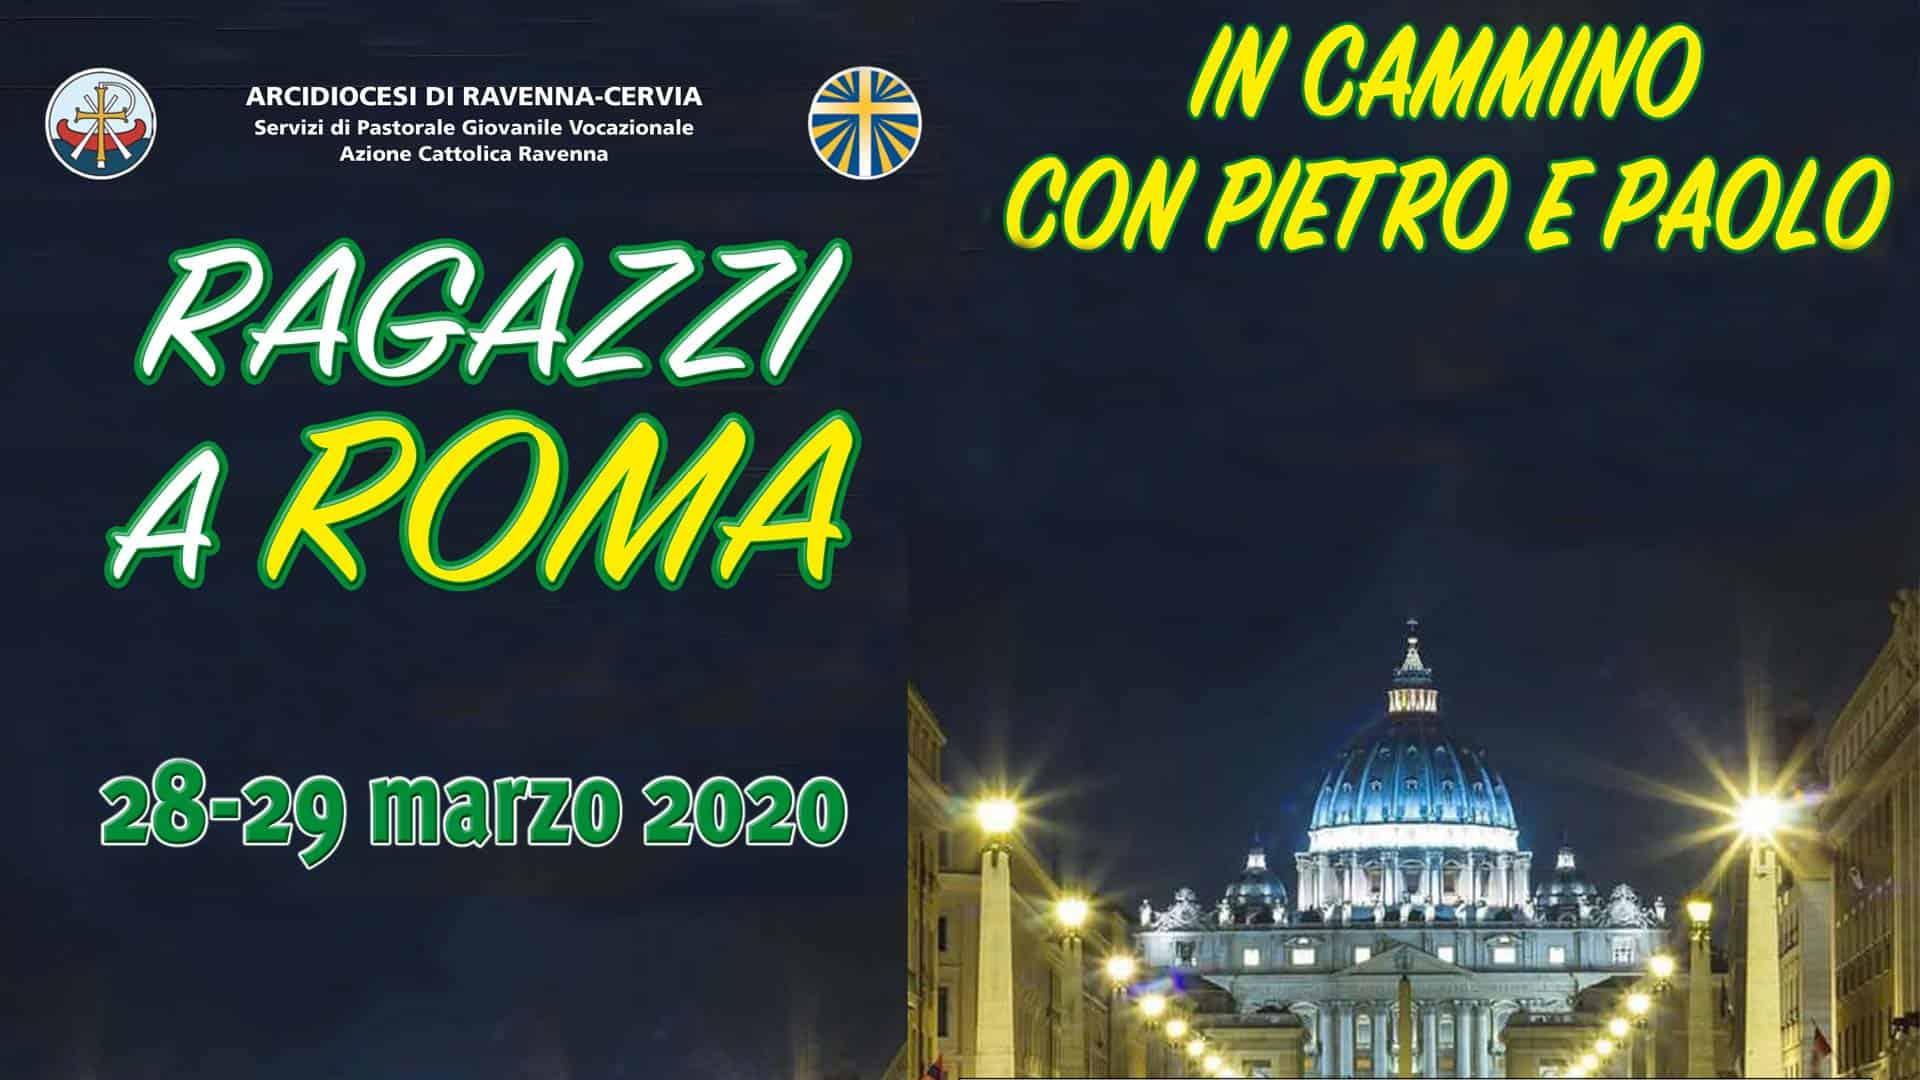 manifesto pellegrinaggio roma